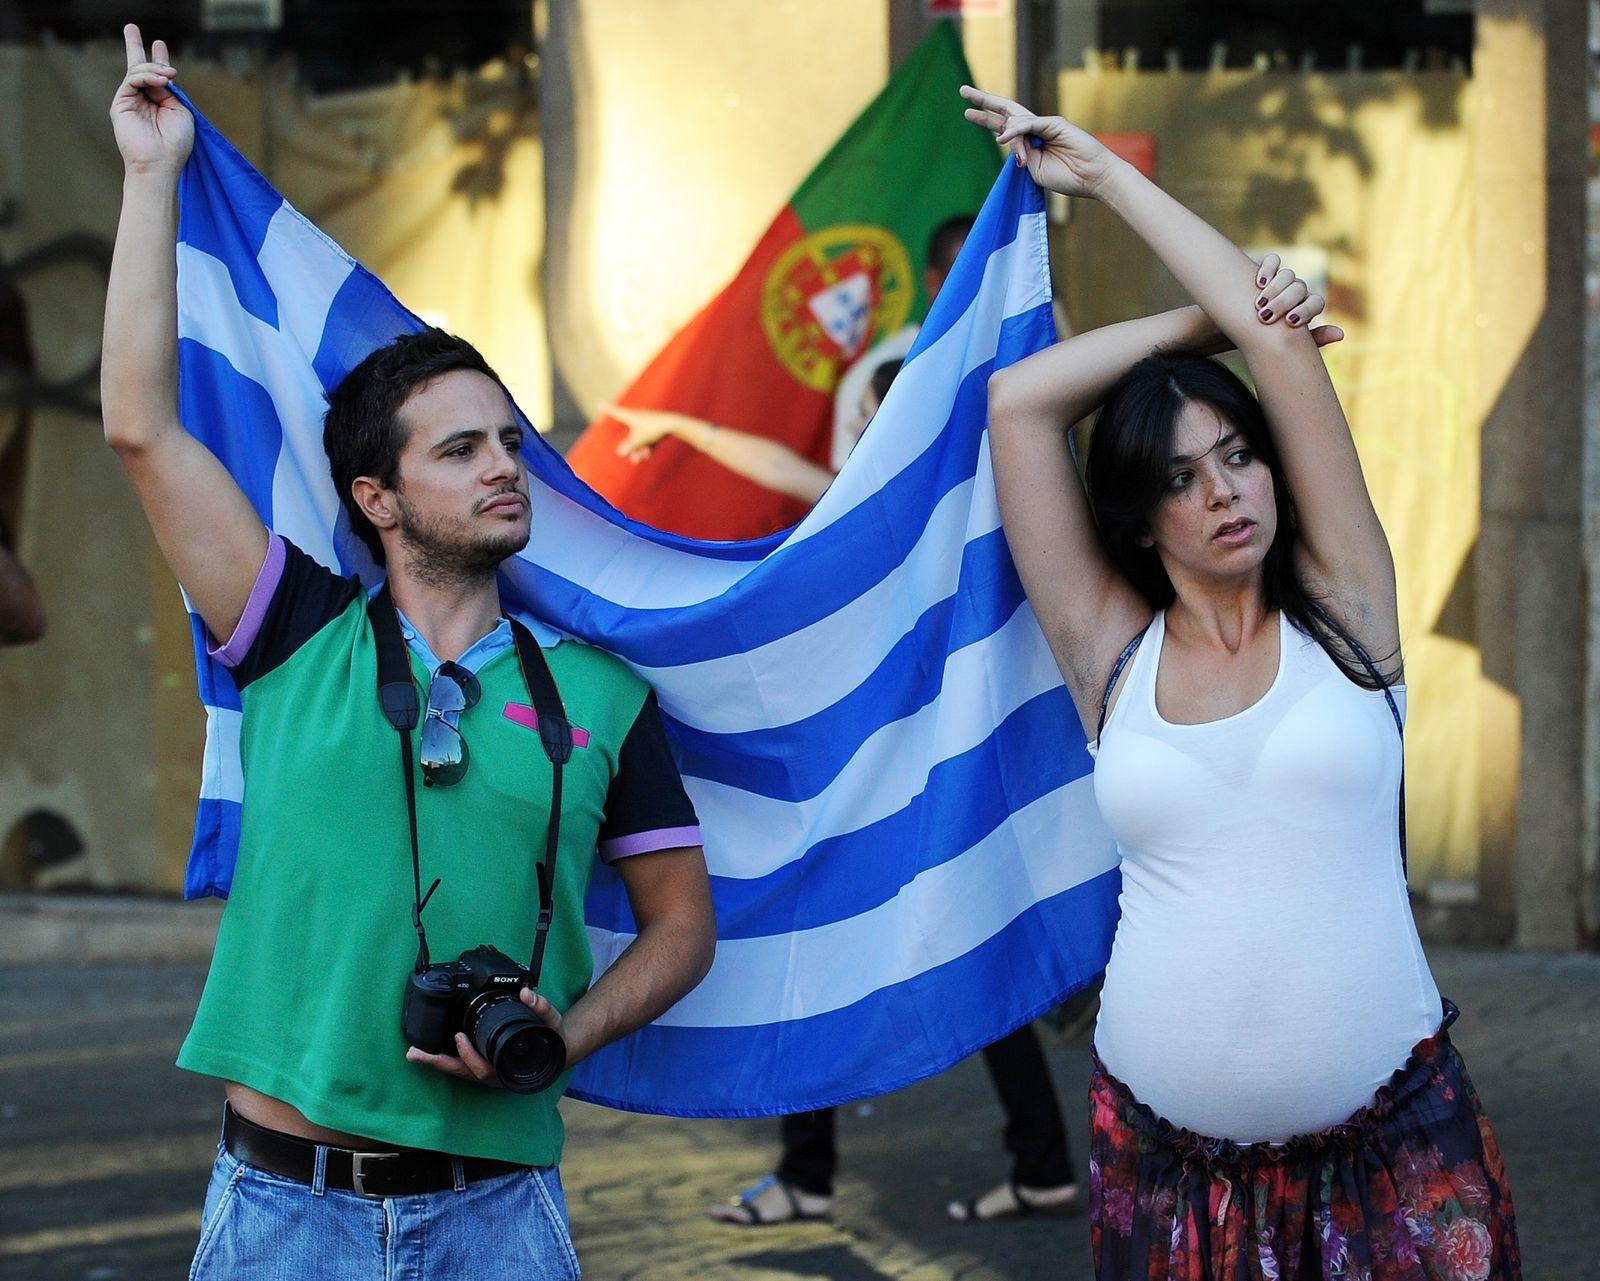 Portugal / Finanzkrise / Euro-Austritt